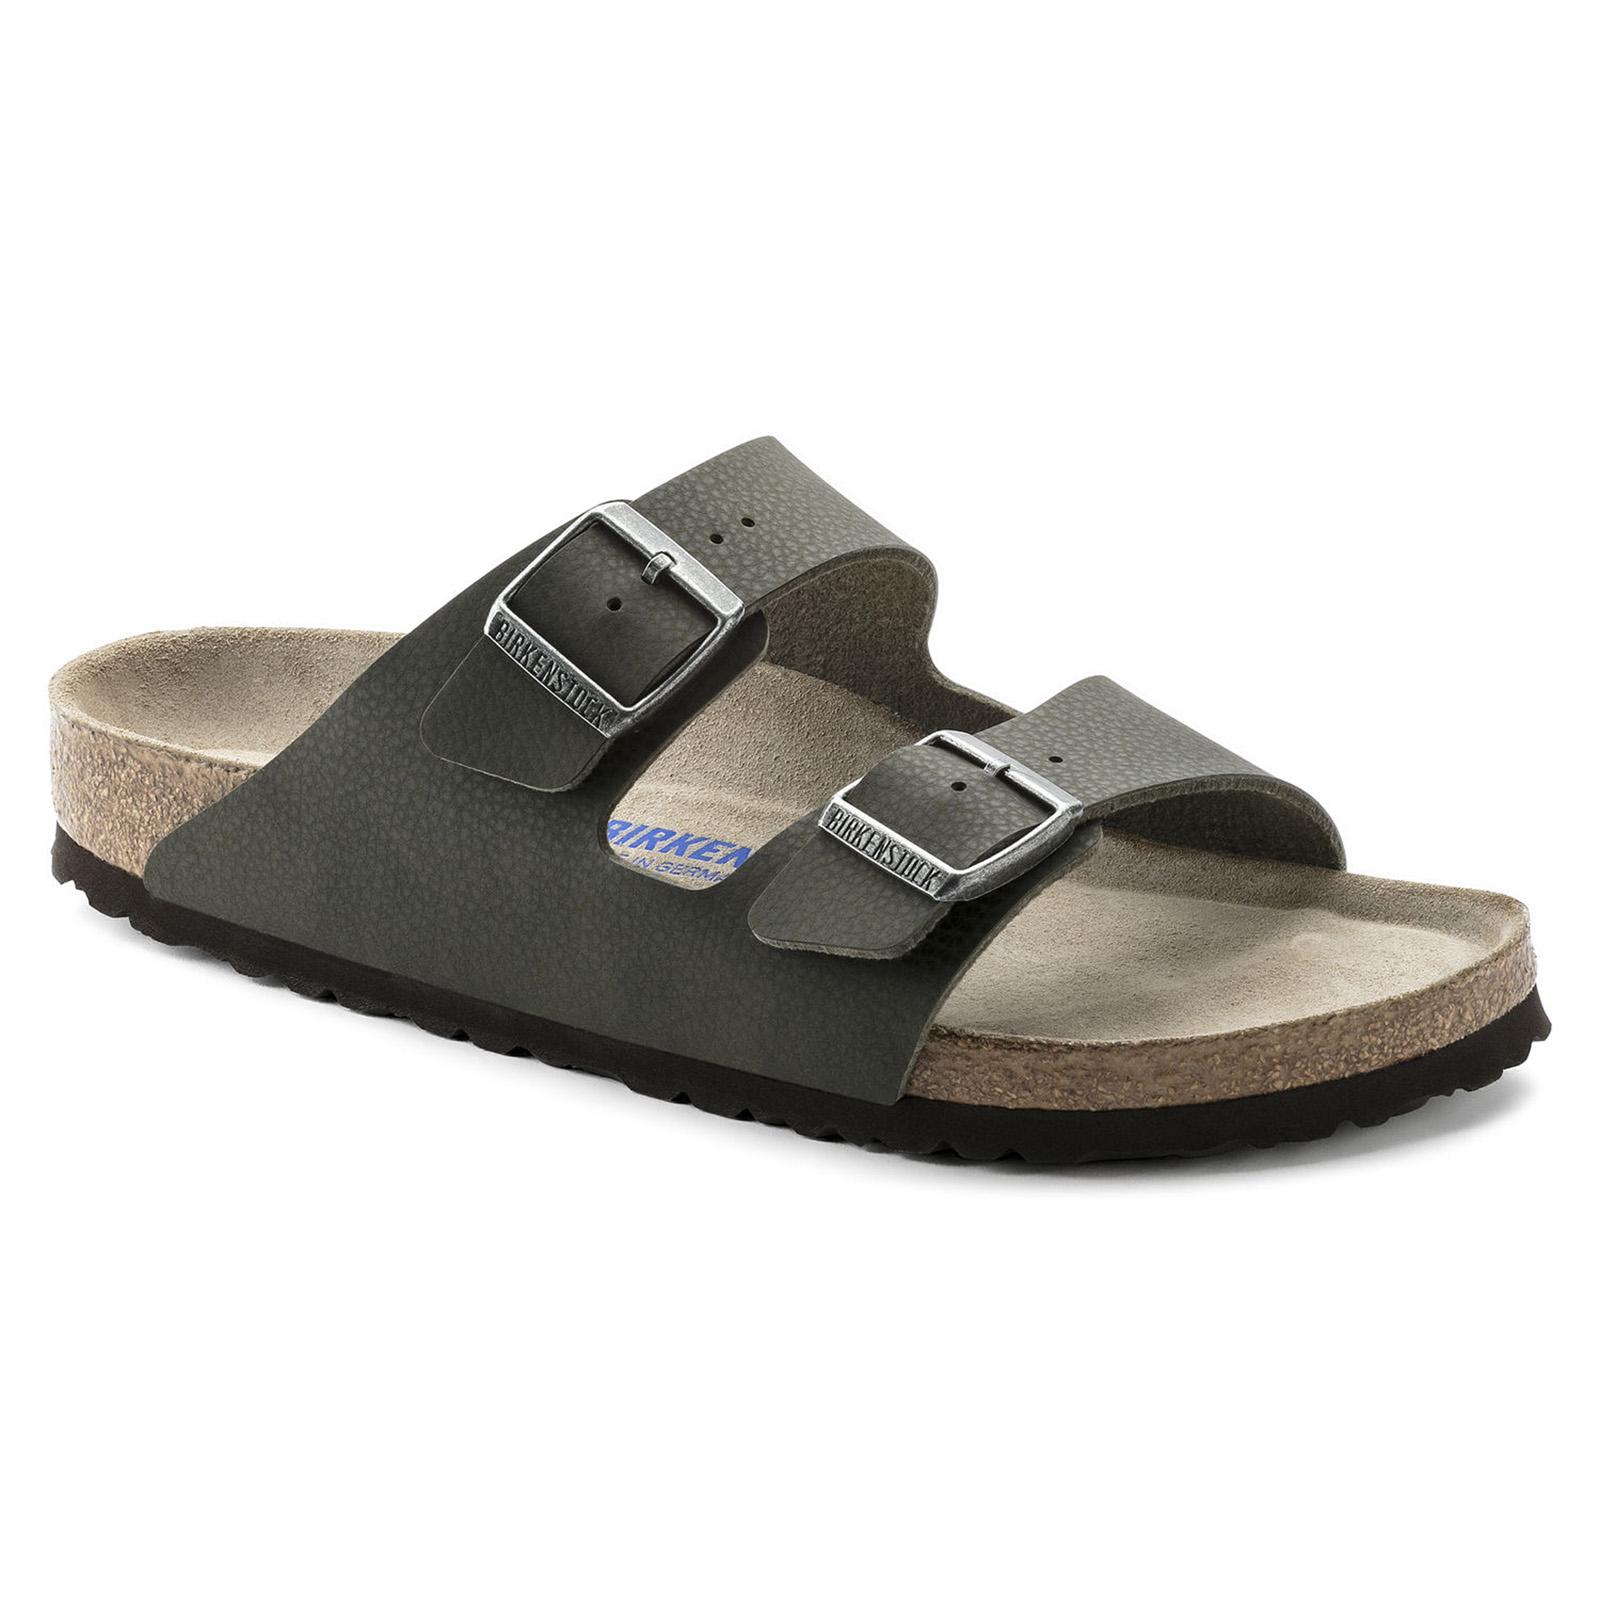 Birkenstock sandals arizona sfb desert soil birko flor green green ... c06ee558537